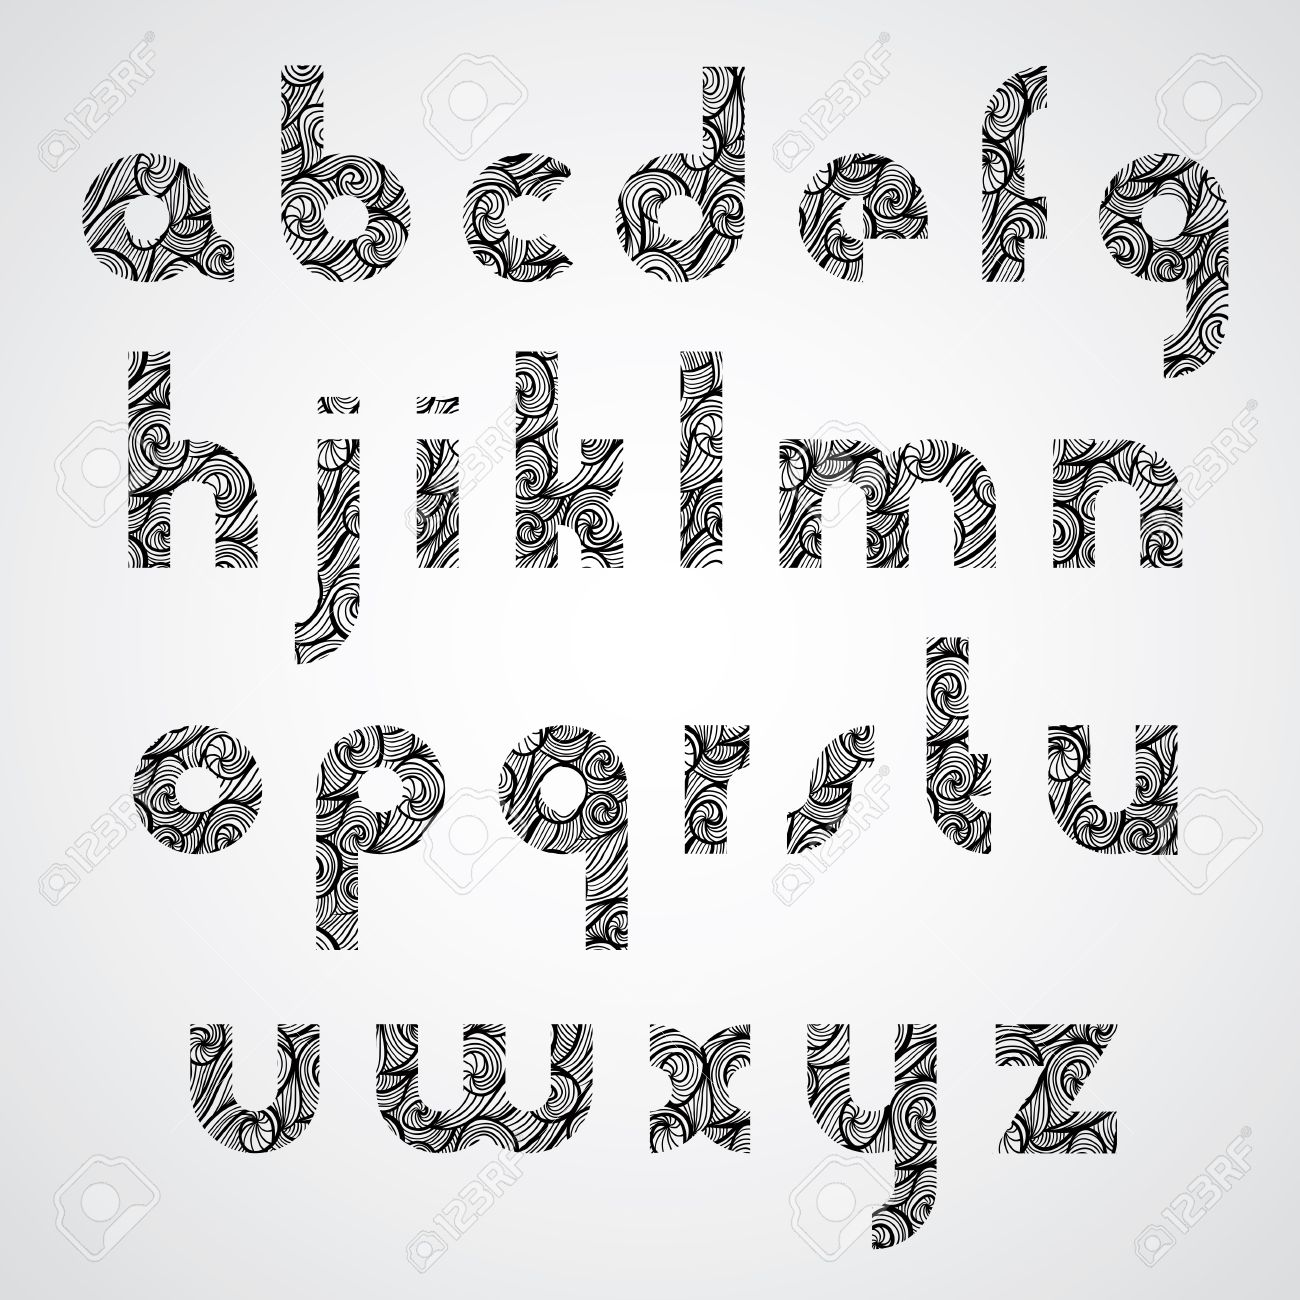 Moderne Form Briefe Digitale Stil Zeitgenössische Schrift Mit